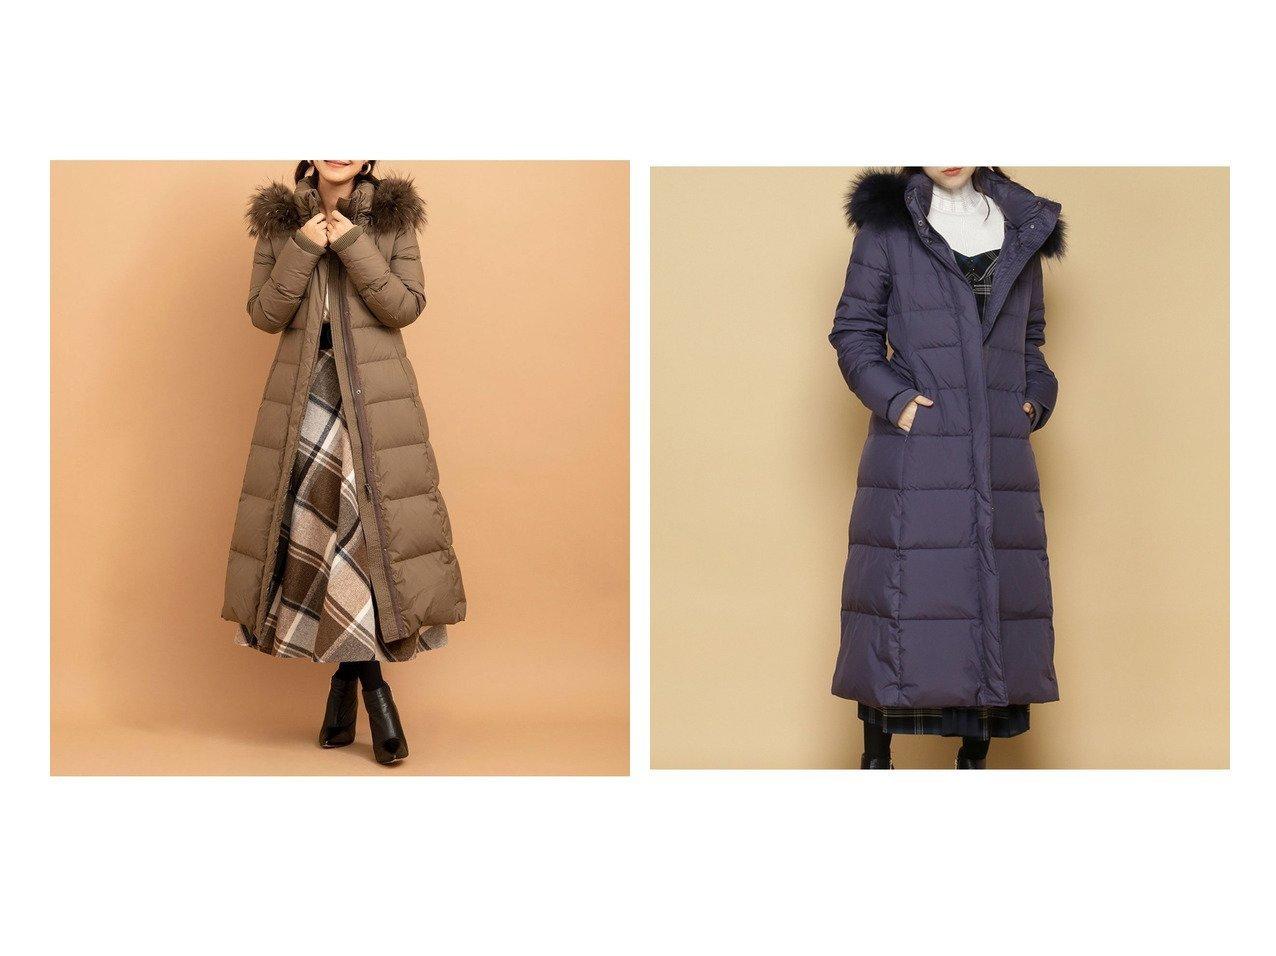 【And Couture/アンドクチュール】のスーパーロングダウンコート アウターのおすすめ!人気、レディースファッションの通販  おすすめで人気のファッション通販商品 インテリア・家具・キッズファッション・メンズファッション・レディースファッション・服の通販 founy(ファニー) https://founy.com/ ファッション Fashion レディース WOMEN アウター Coat Outerwear コート Coats ダウン Down Coats And Jackets ダウン パターン フォックス 防寒 |ID:crp329100000002315